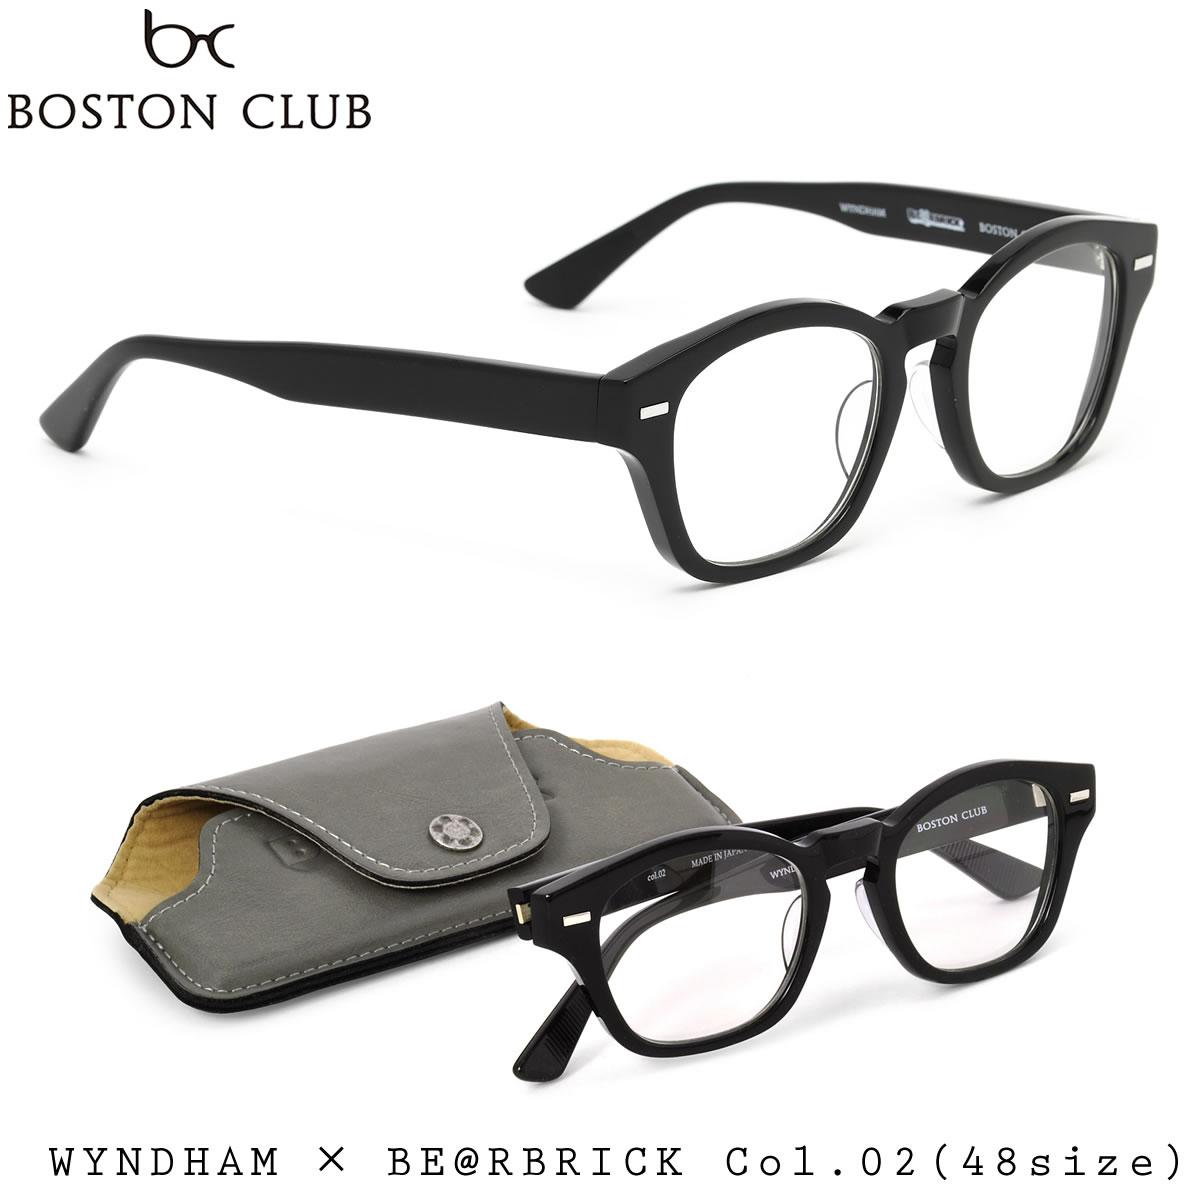 【10月30日からエントリーで全品ポイント20倍】【BOSTON CLUB】(ボストンクラブ) ウィンダム メガネ フレーム WYNDHAM 02 48サイズ ウェリントン 伊達メガネセット メンズ レディース